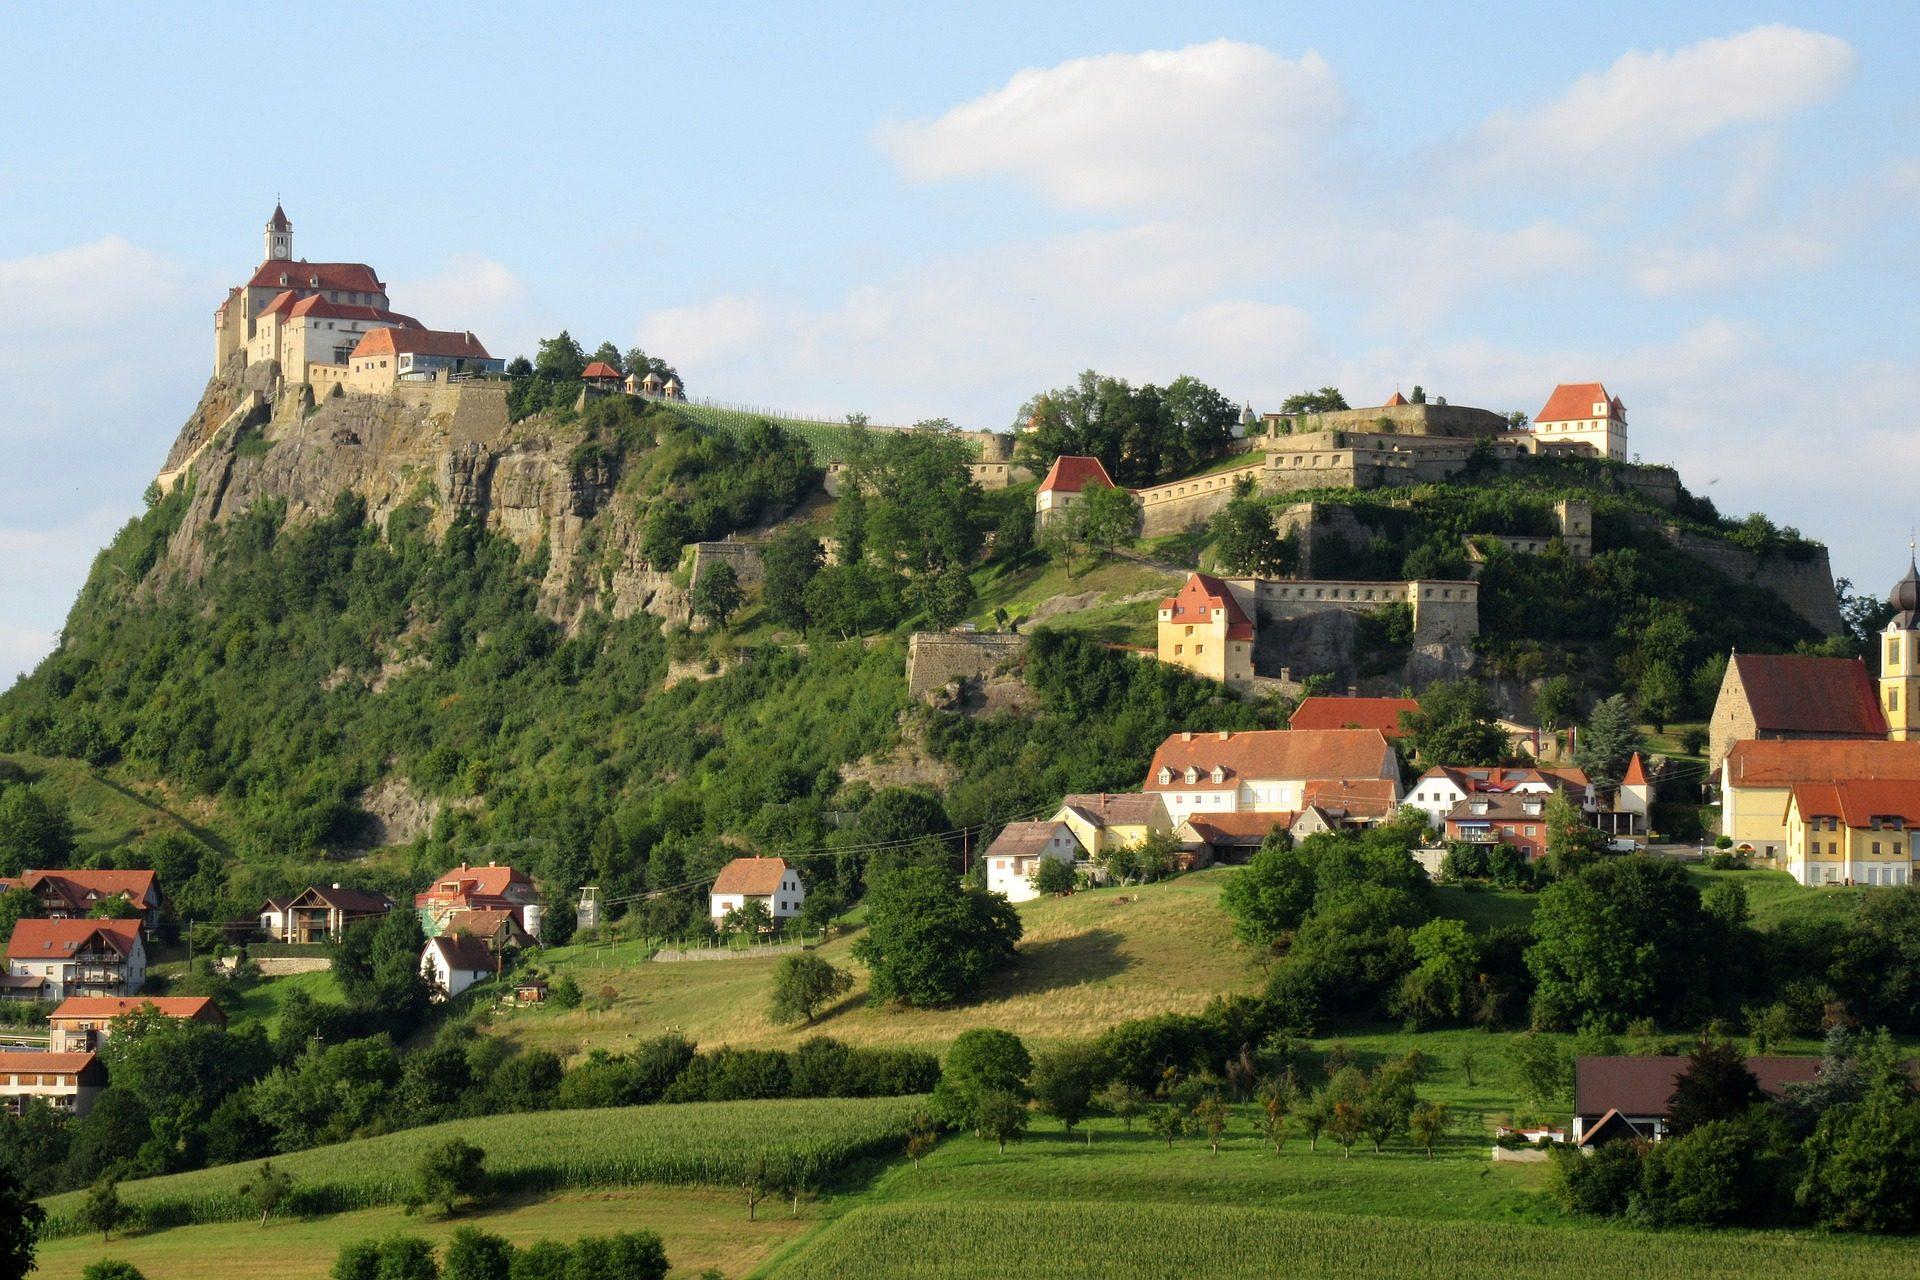 Village, village, Château, Montagne, Vegetación, Güssing - Fonds d'écran HD - Professor-falken.com